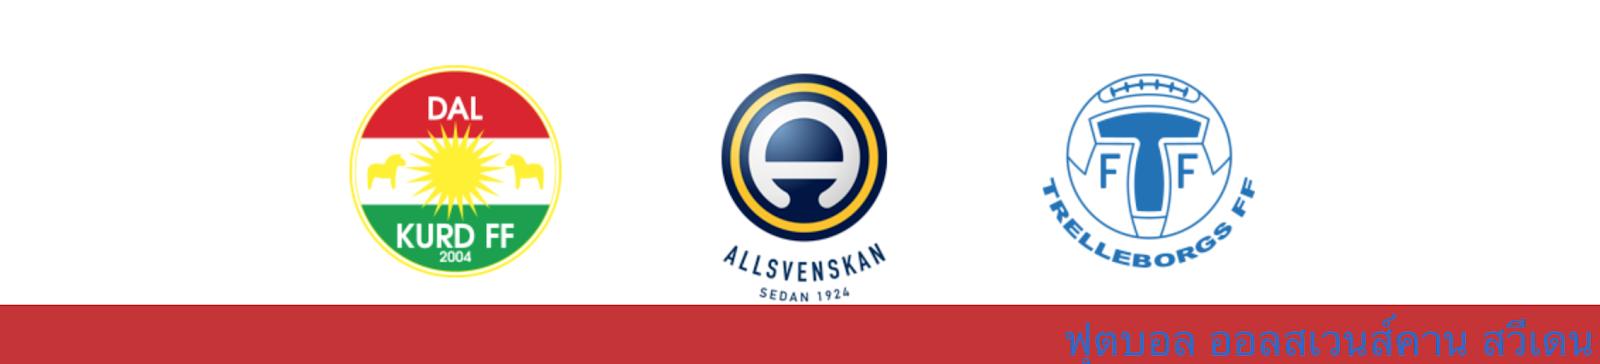 ผลบอล วิเคราะห์บอล สวีเดน ระหว่าง ดัลเคิร์ด vs เทรลเลบอร์ก